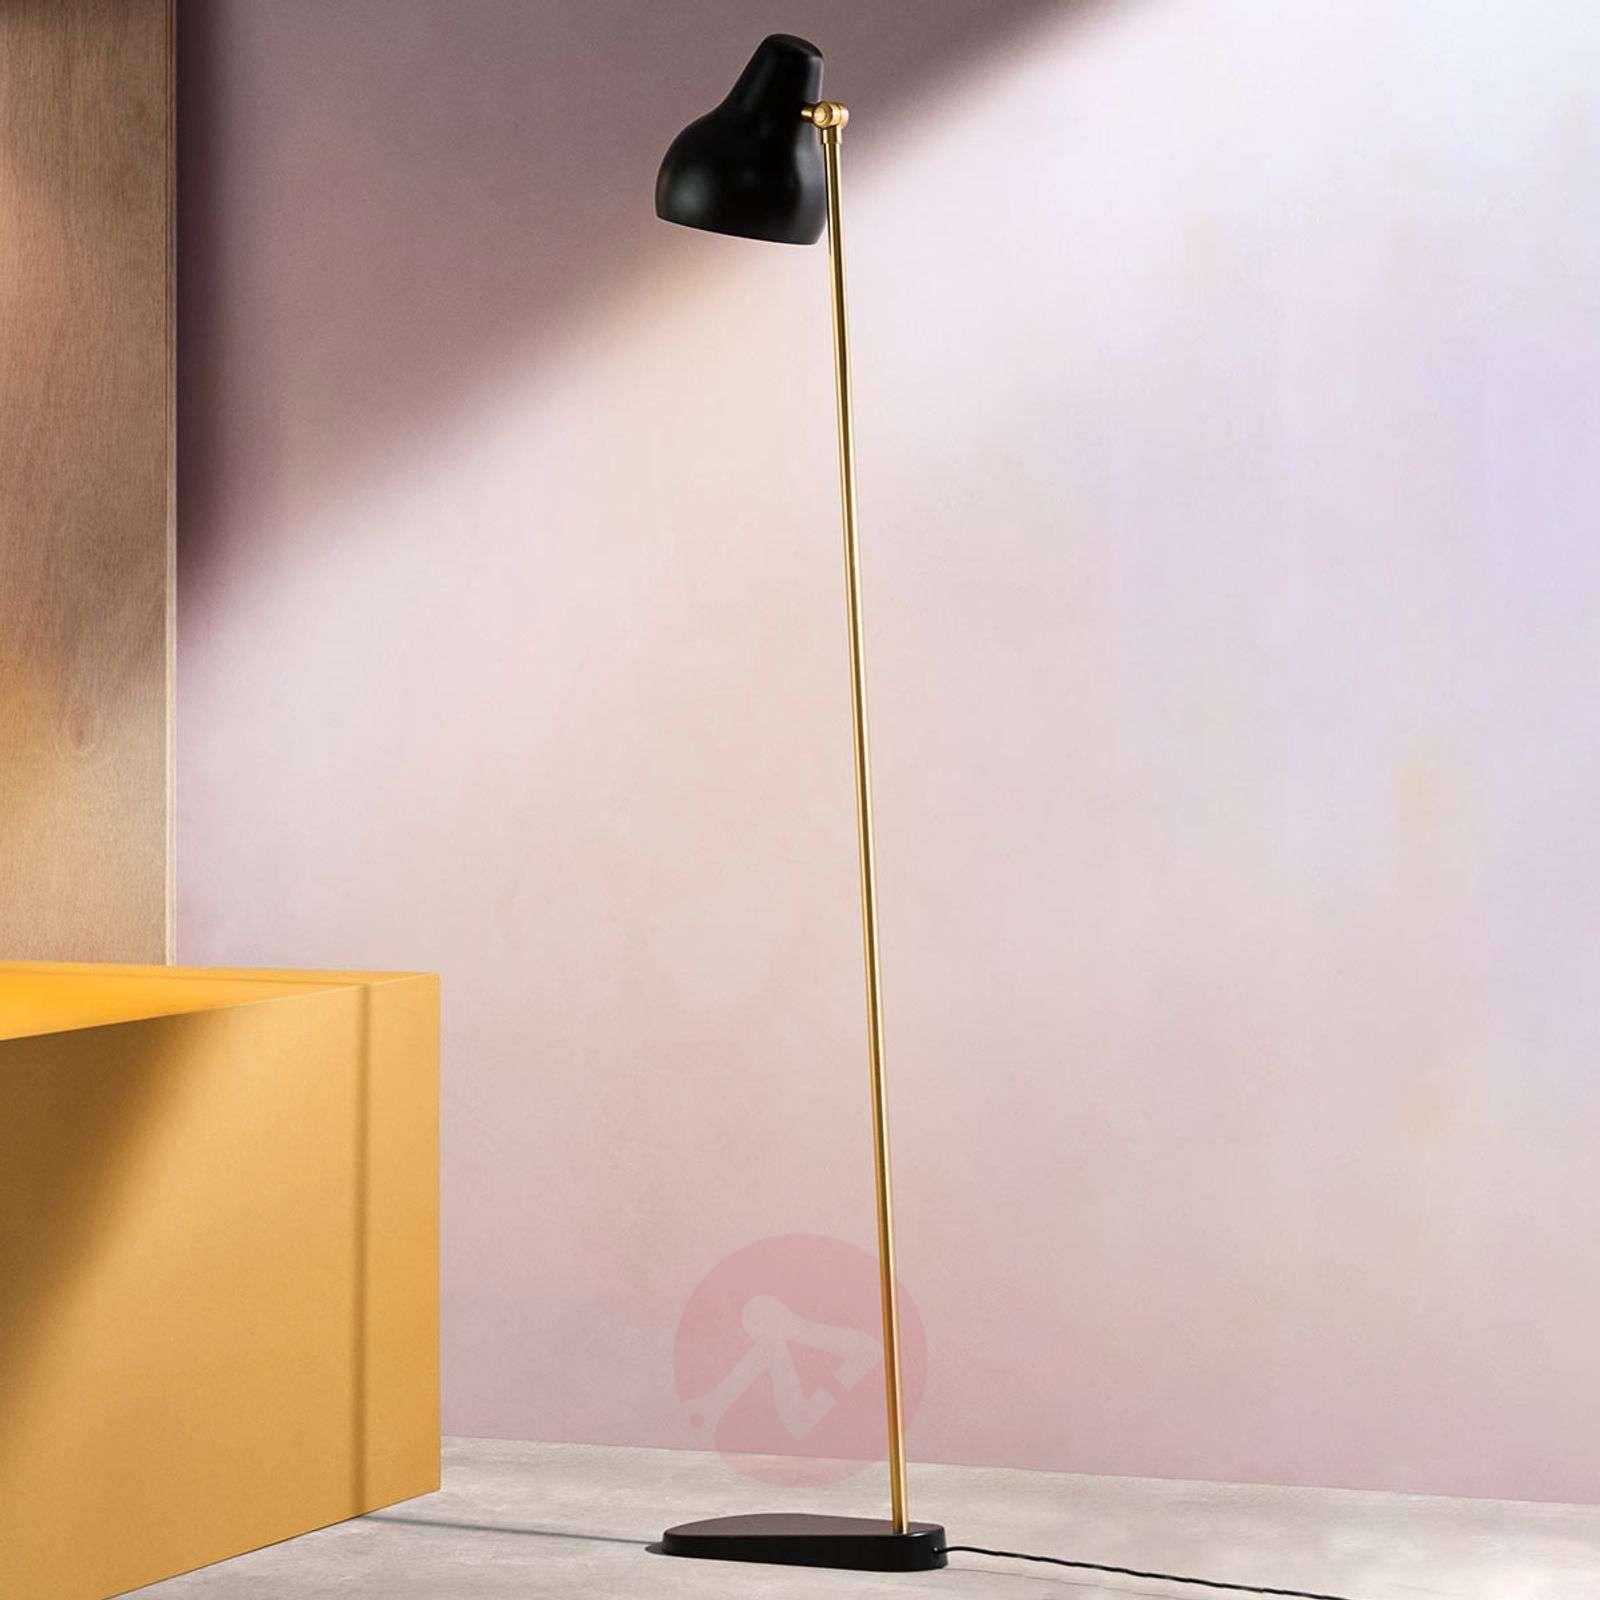 Louis Poulsen VL38 LED floor lamp-6090156X-01